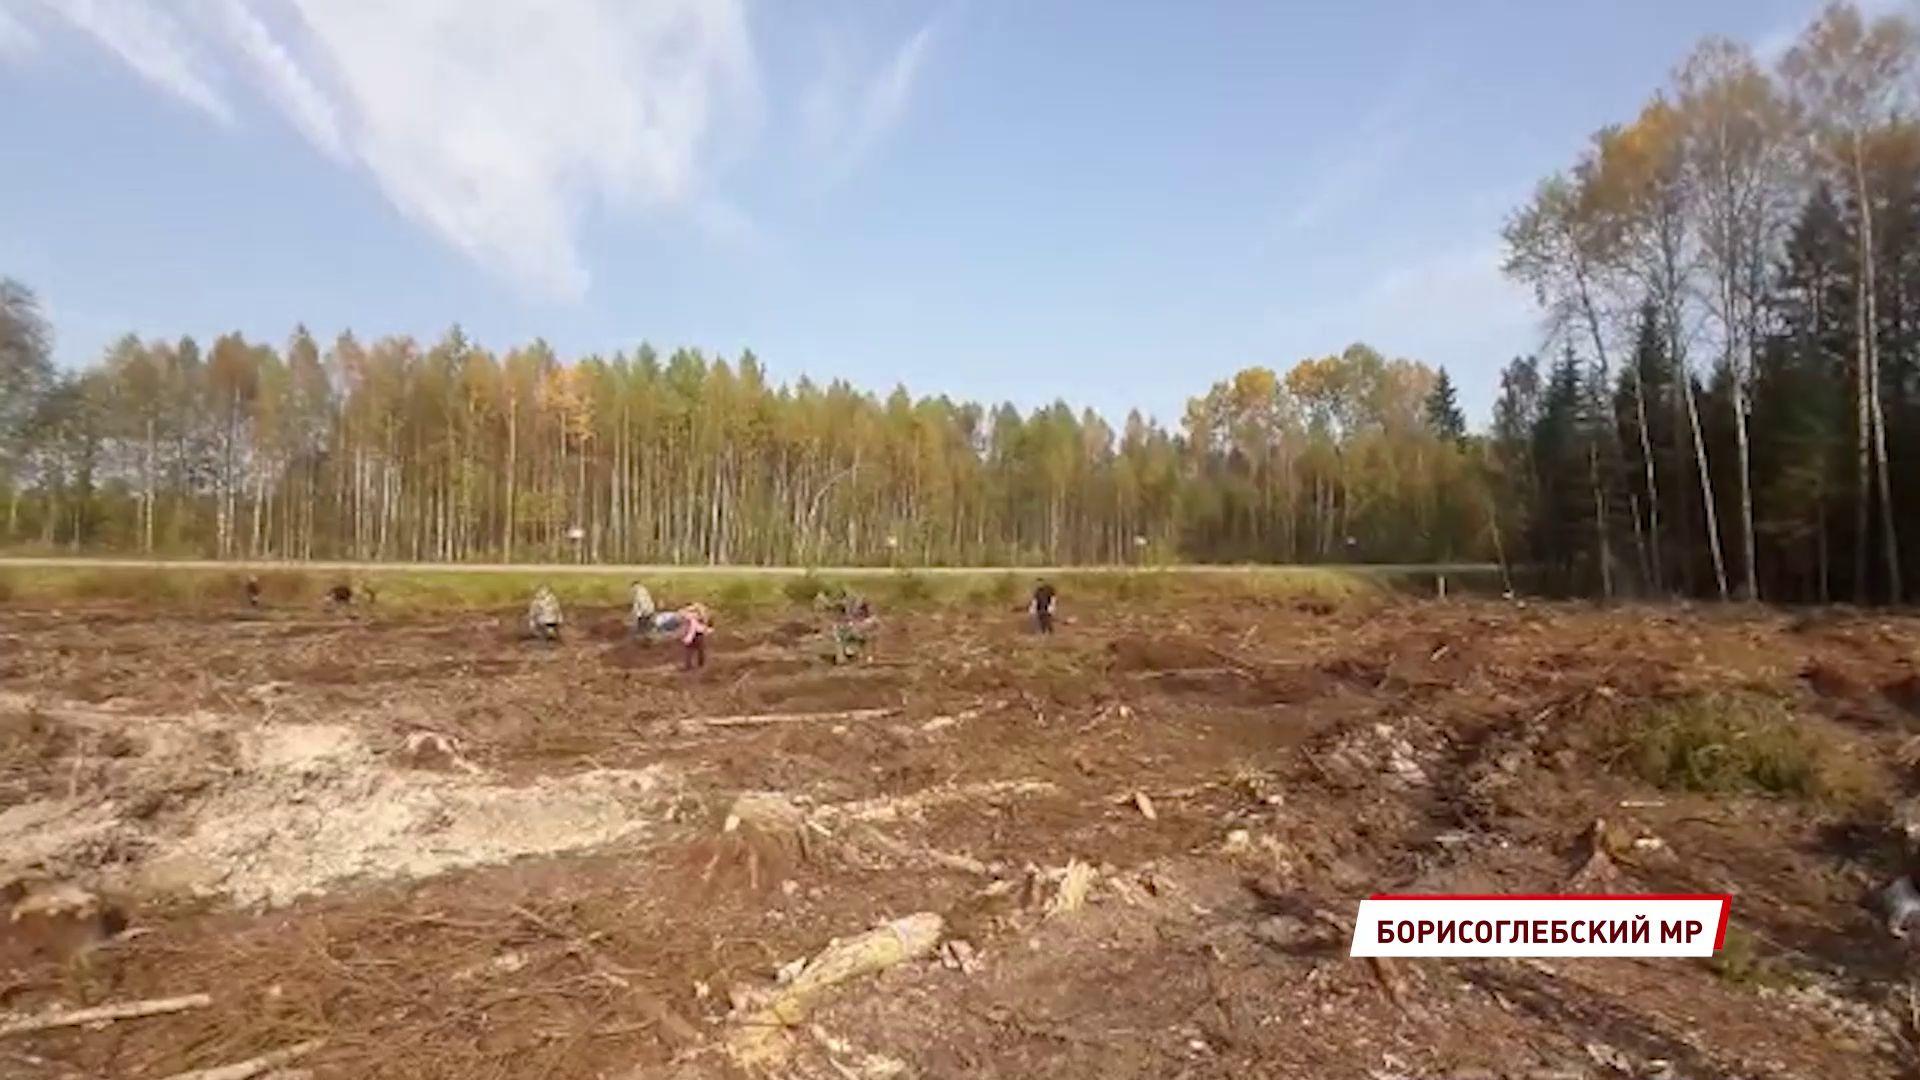 В Борисоглебском районе посадили больше пяти тысяч деревьев